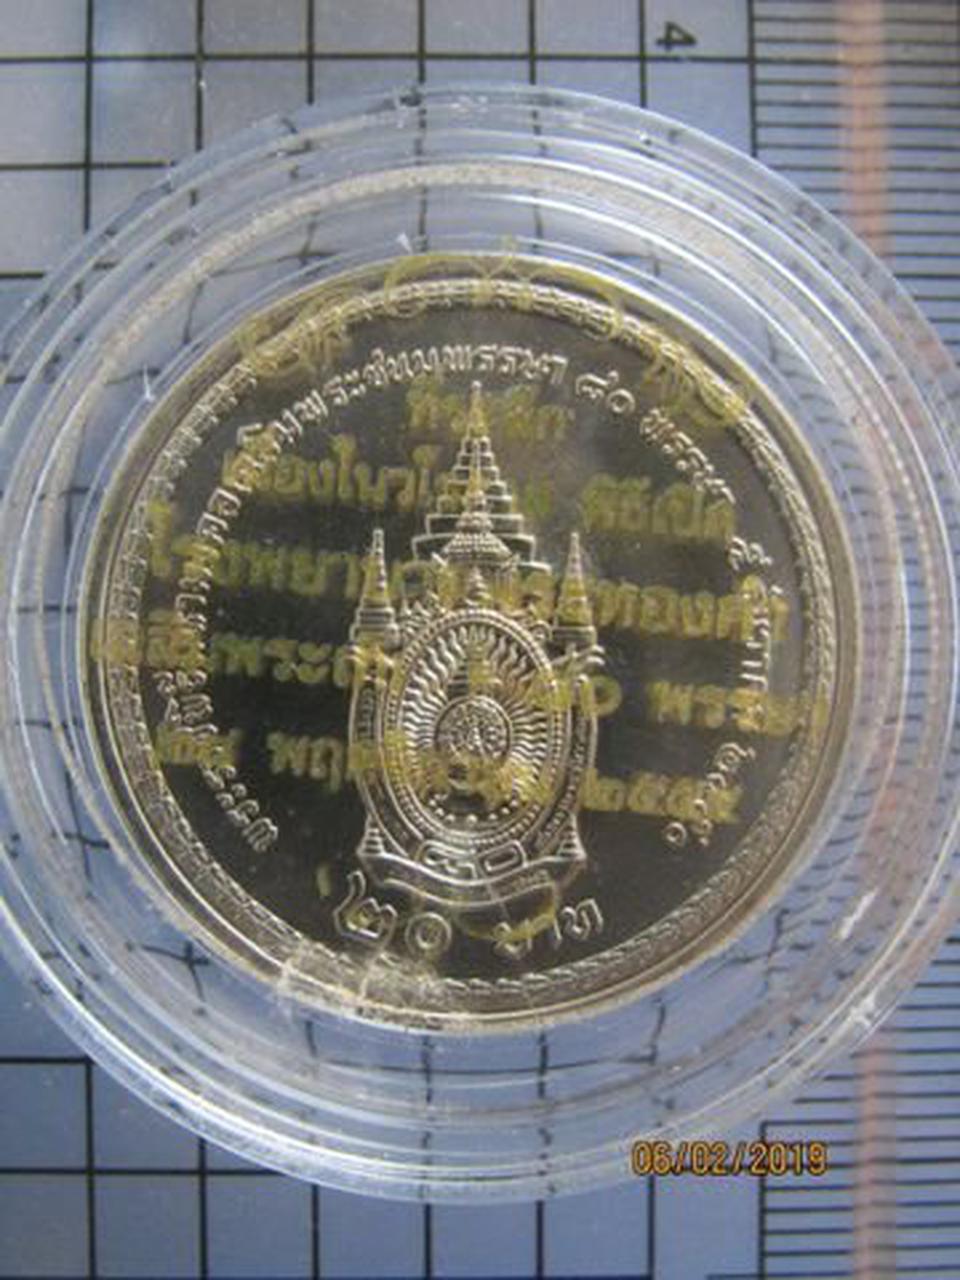 5245 เหรียญ 20 บาท รัชกาลที่ 9 พศ 2550 มหามงคลพระชนมพรรษา80  รูปที่ 1